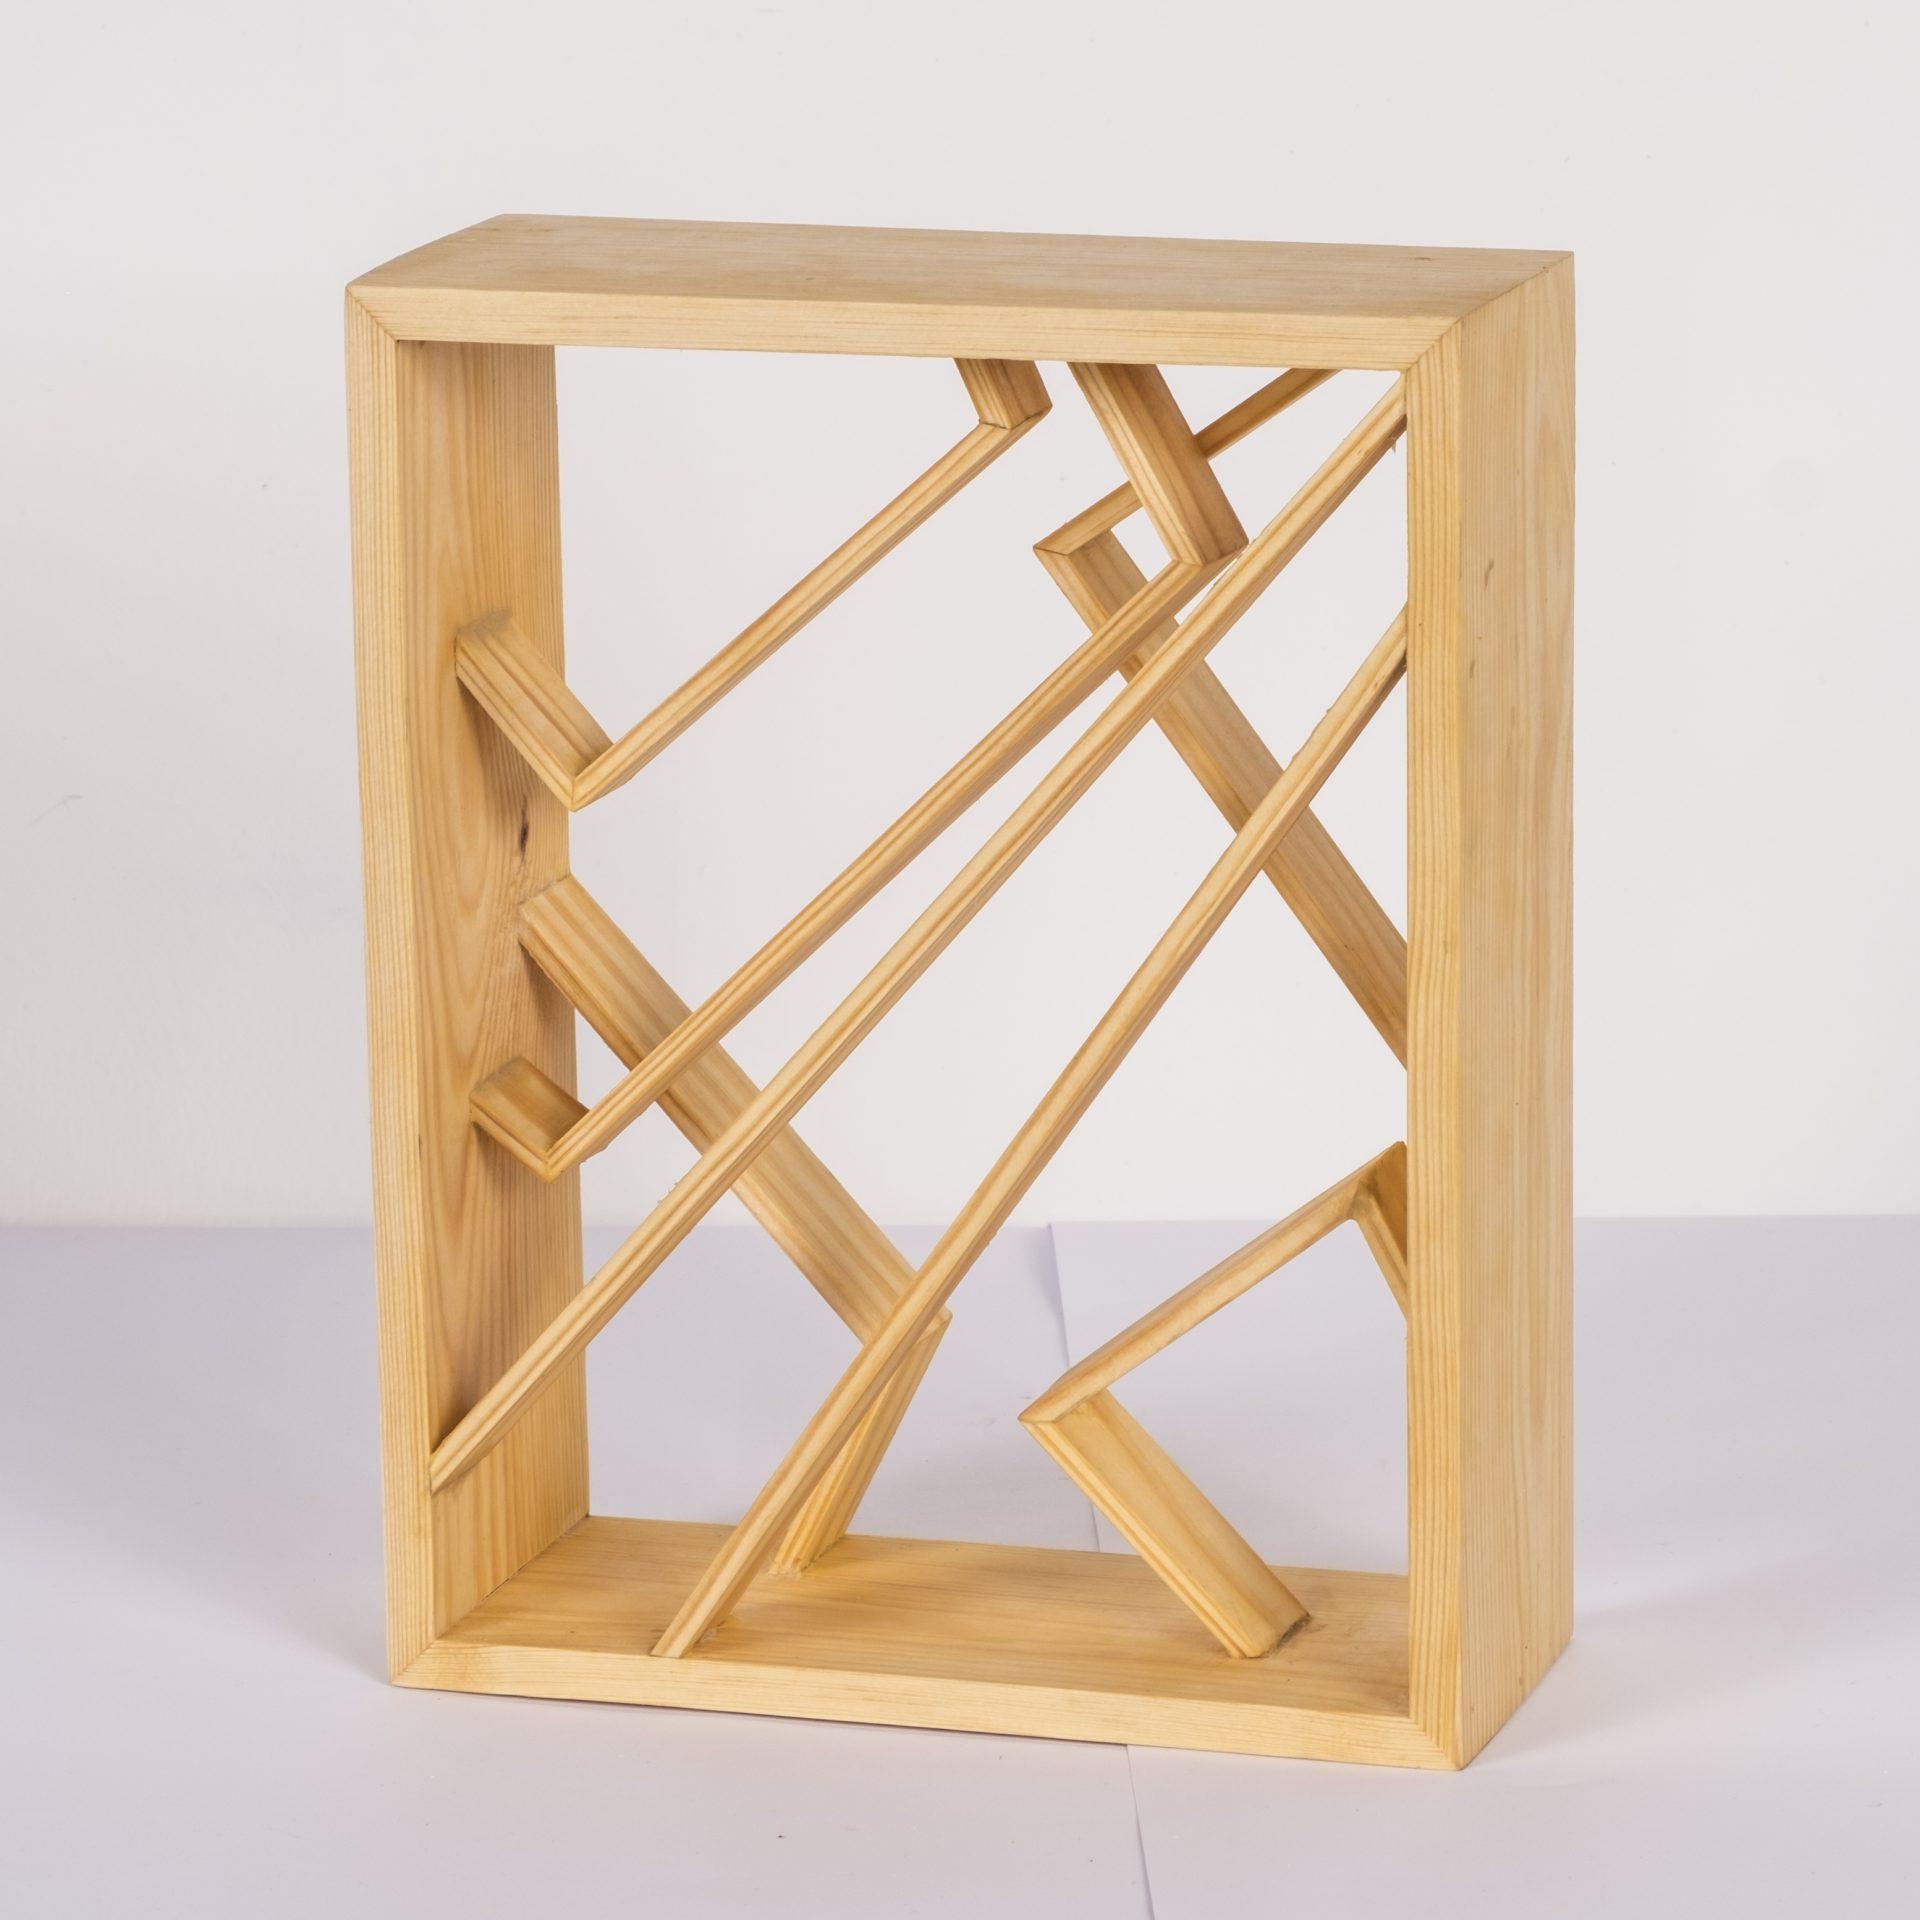 Unlimited in Dynamo<br>RMR30<br>misure: circa 28 x 22 cm<br>tecnica: legno pino <br>anno: 2018<br><br>DISPONIBILE